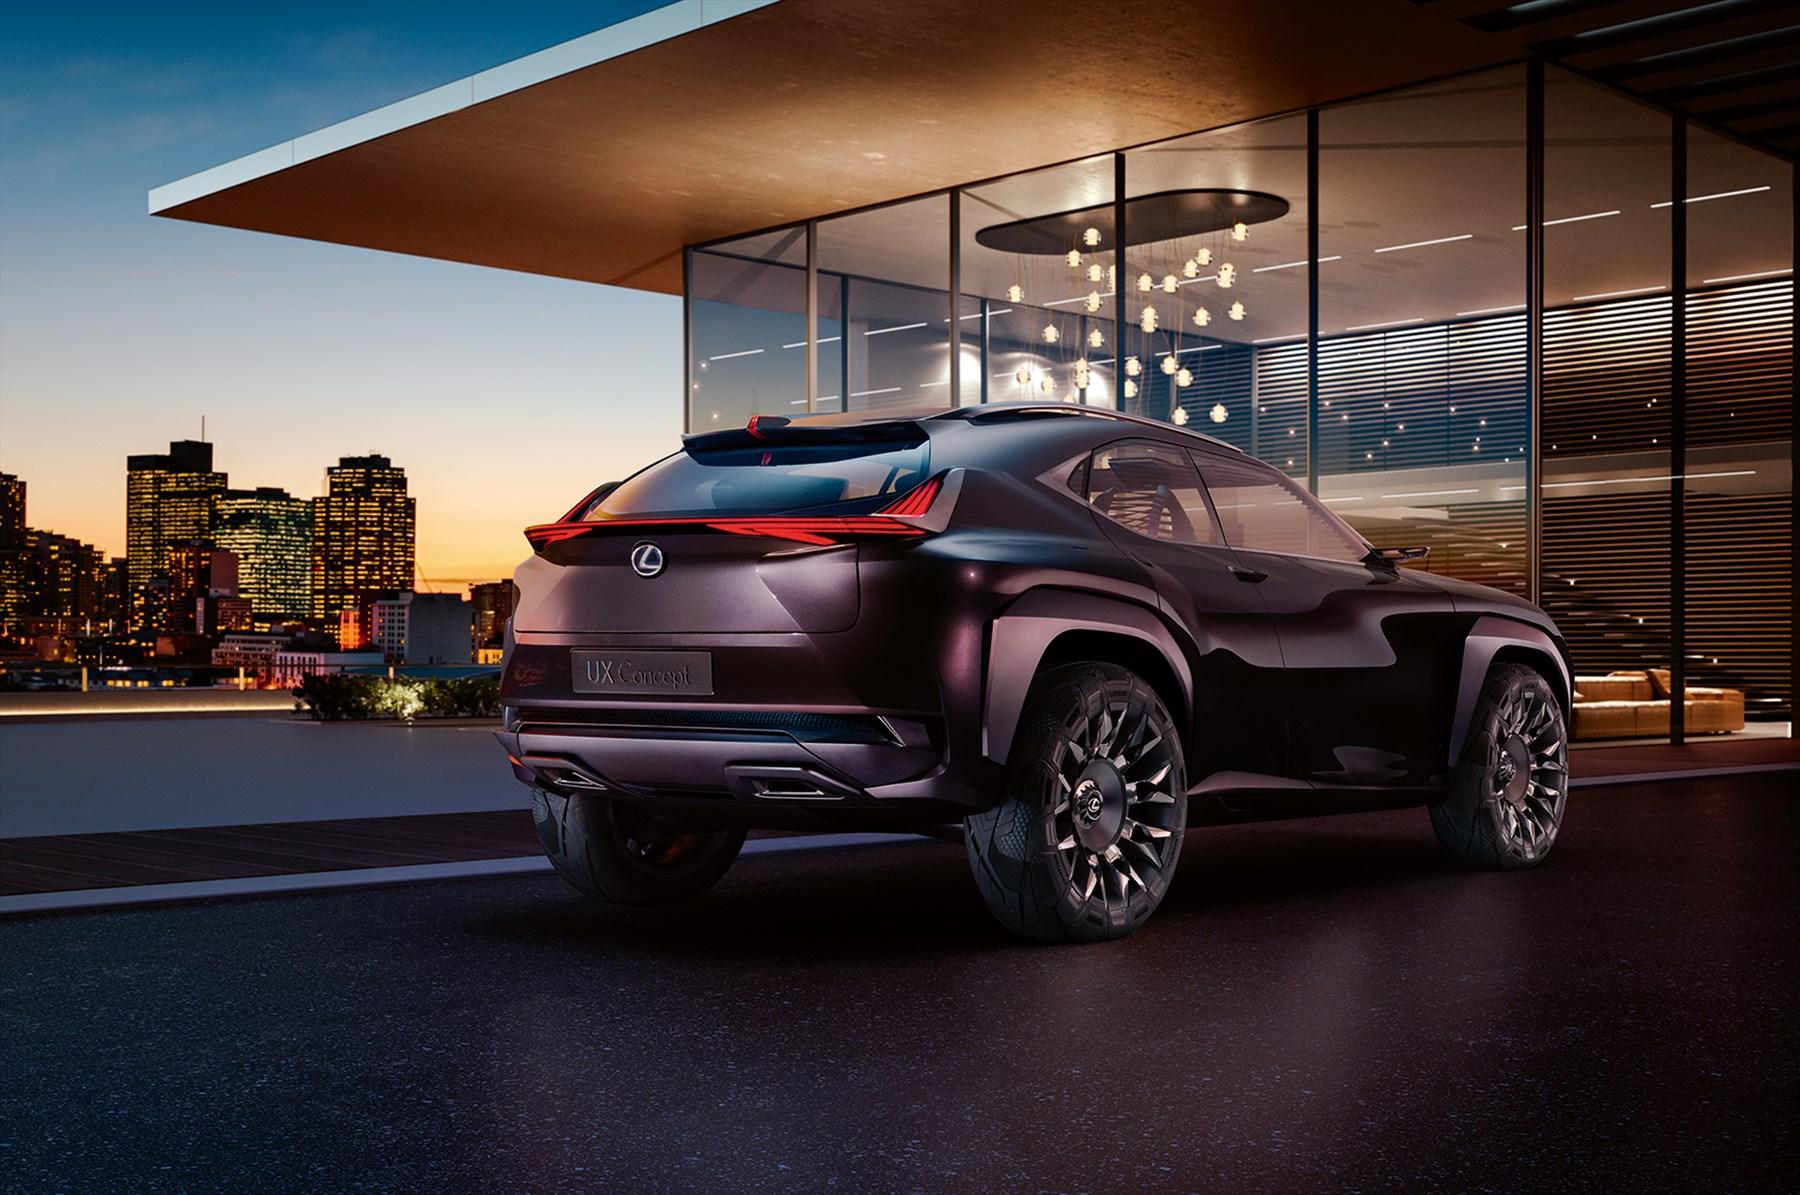 Sneak Preview Of Lexus Ux Concept At Paris Motor Show